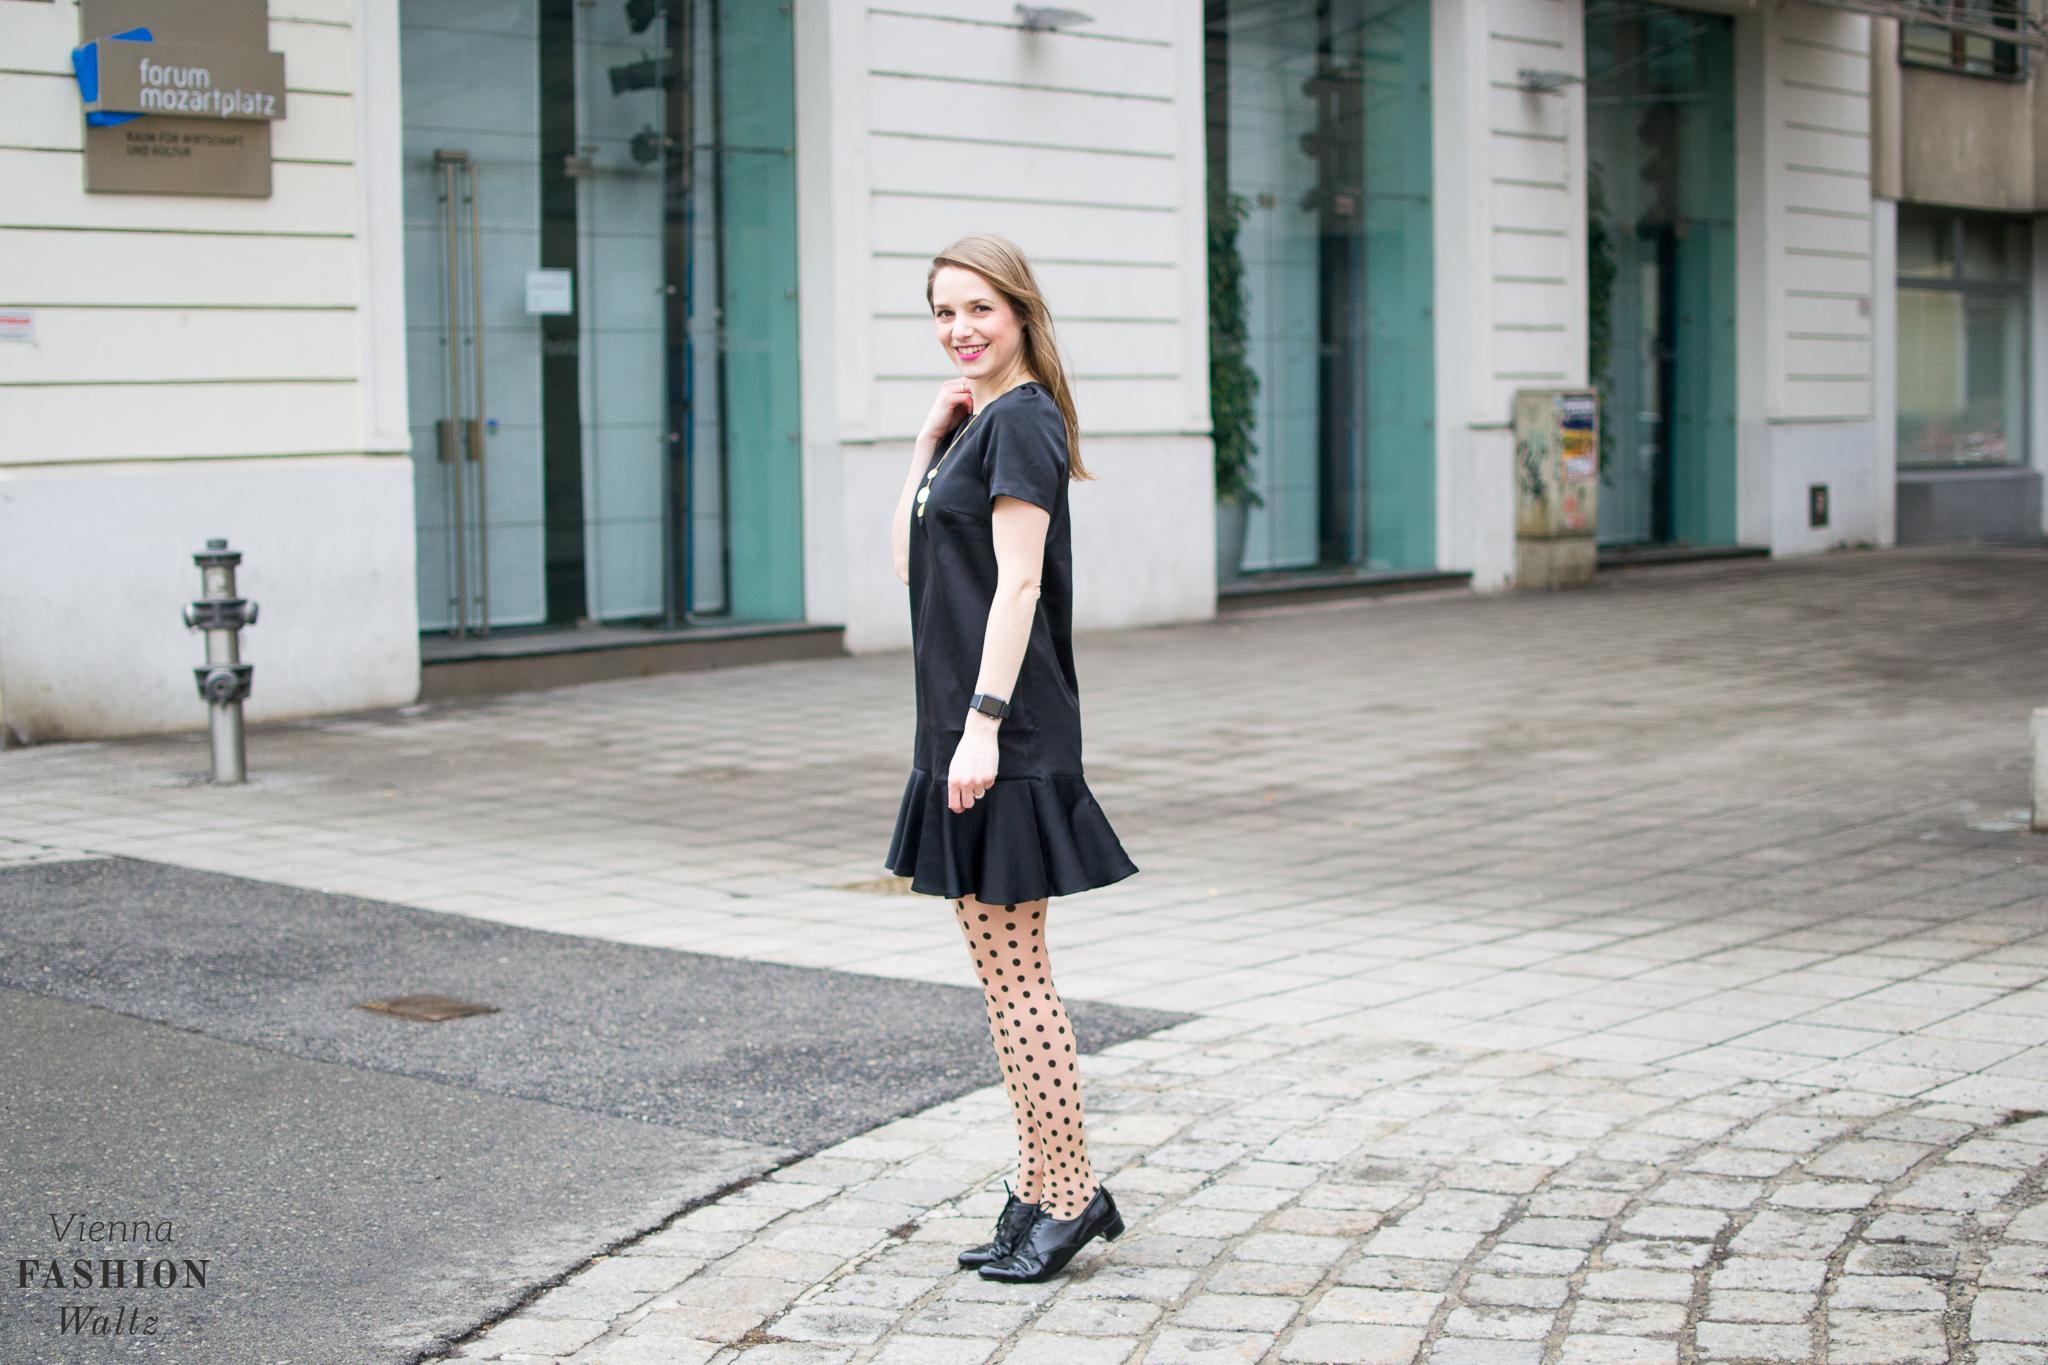 Fashion Lifestyle Blog Wien Austria Österreich www.viennafashionwaltz.com Volant Black Dress H&M